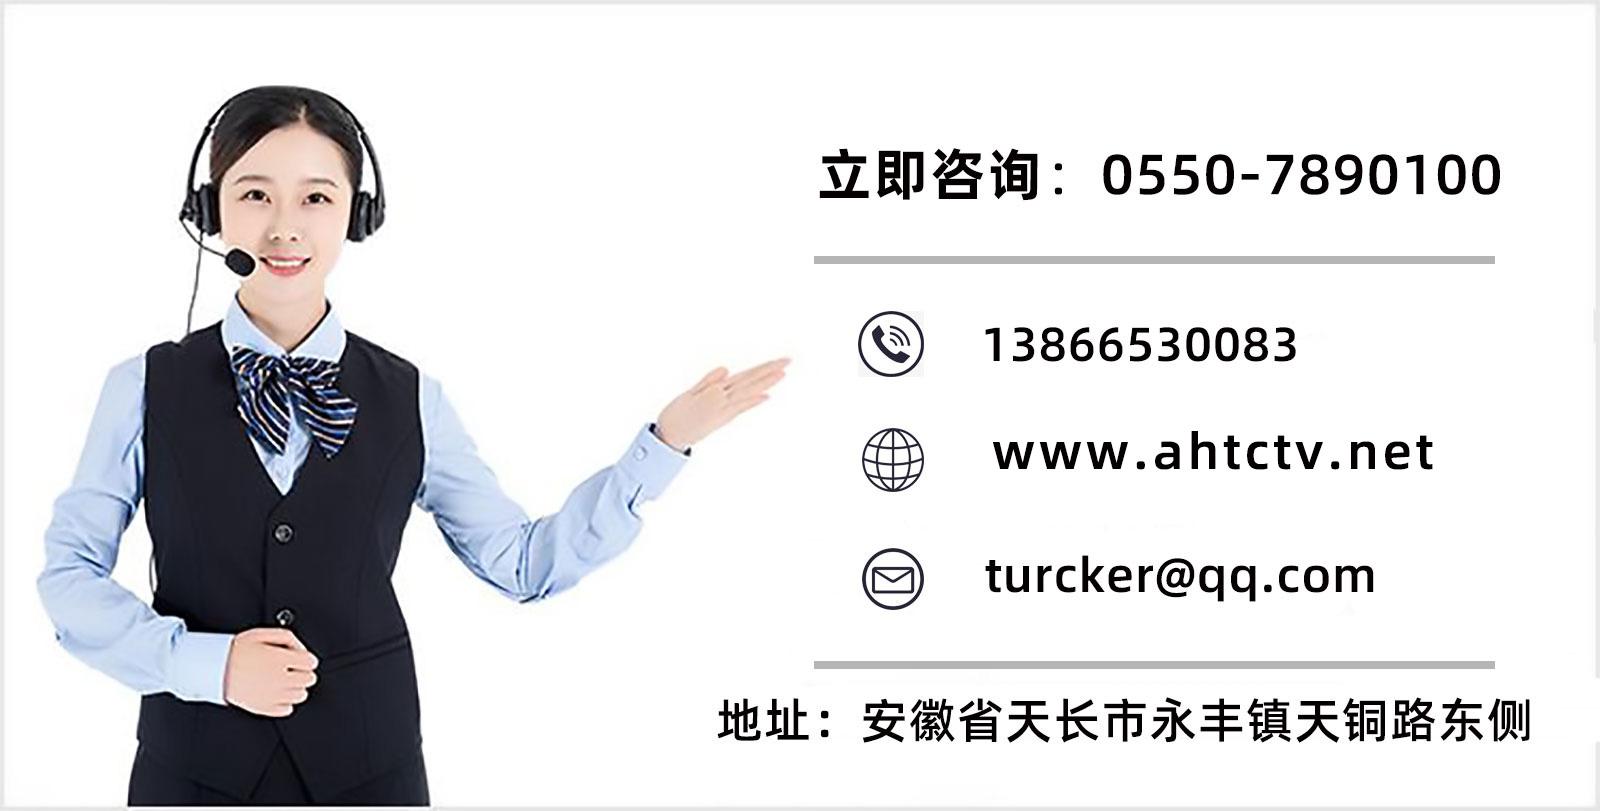 安徽图尔克自动化,皖天图尔克,耐磨耐磨损不锈钢压力表厂家